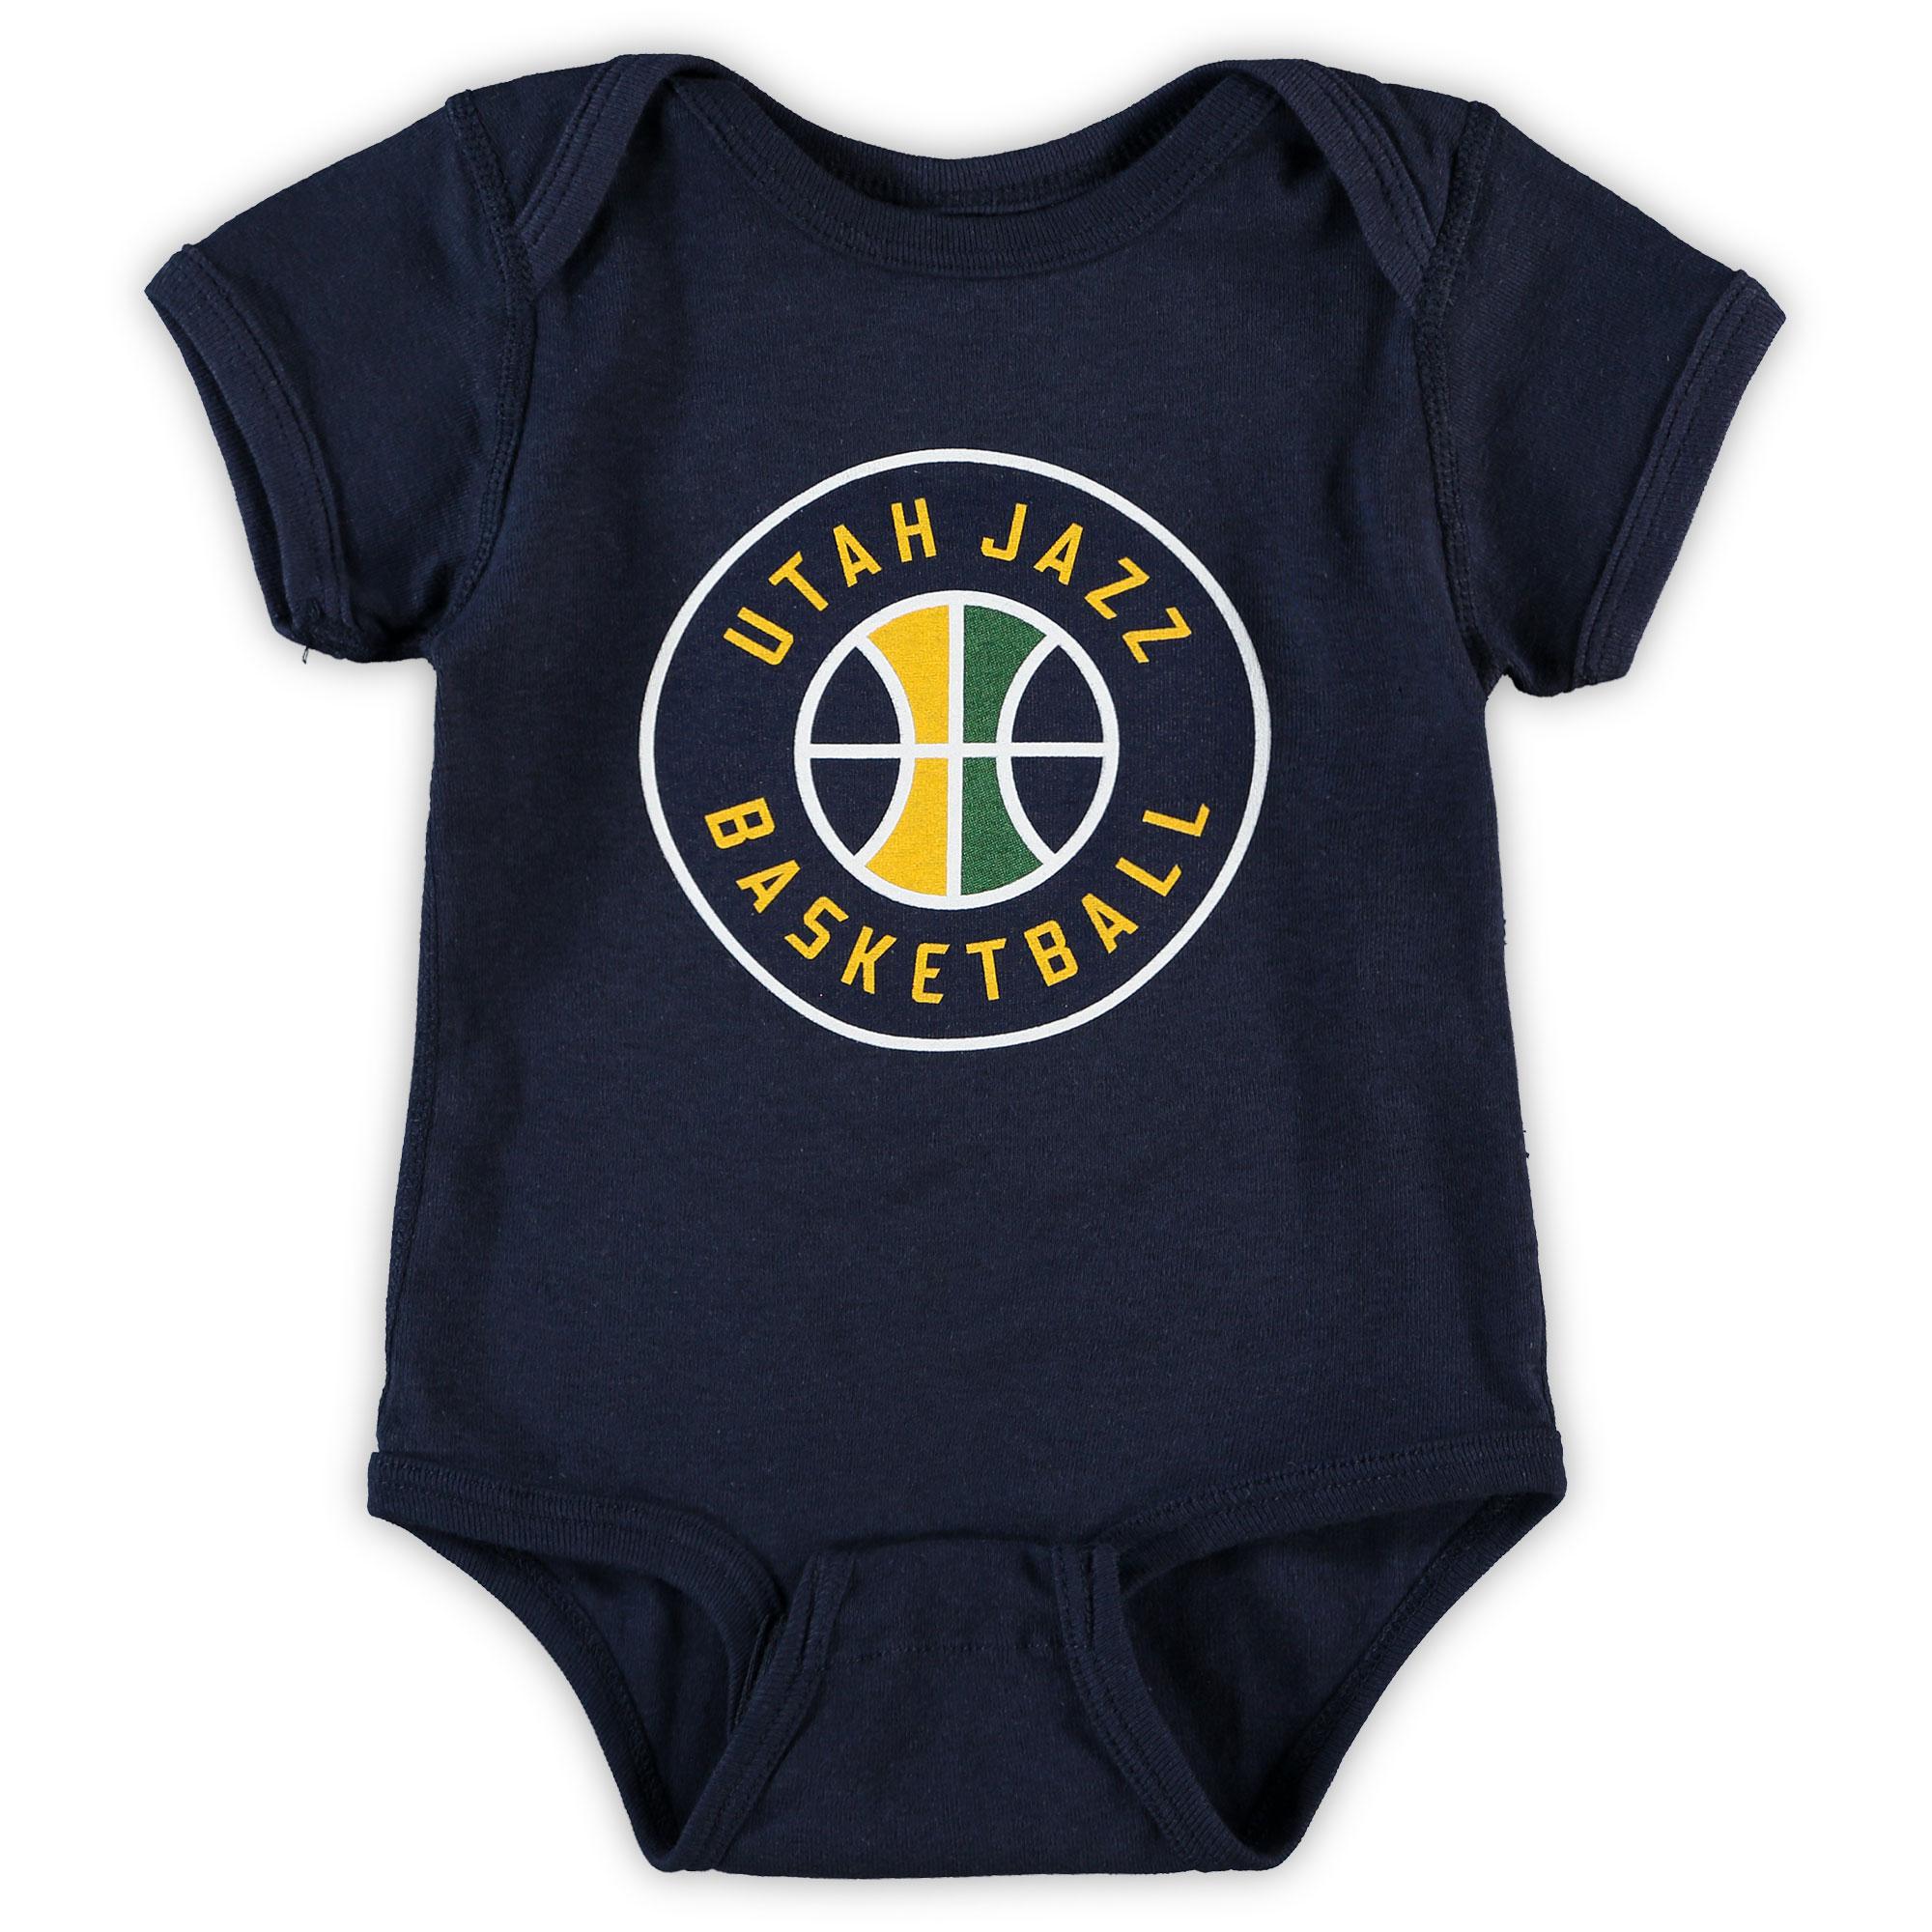 Utah Jazz Infant Primary Team Logo Bodysuit - Navy